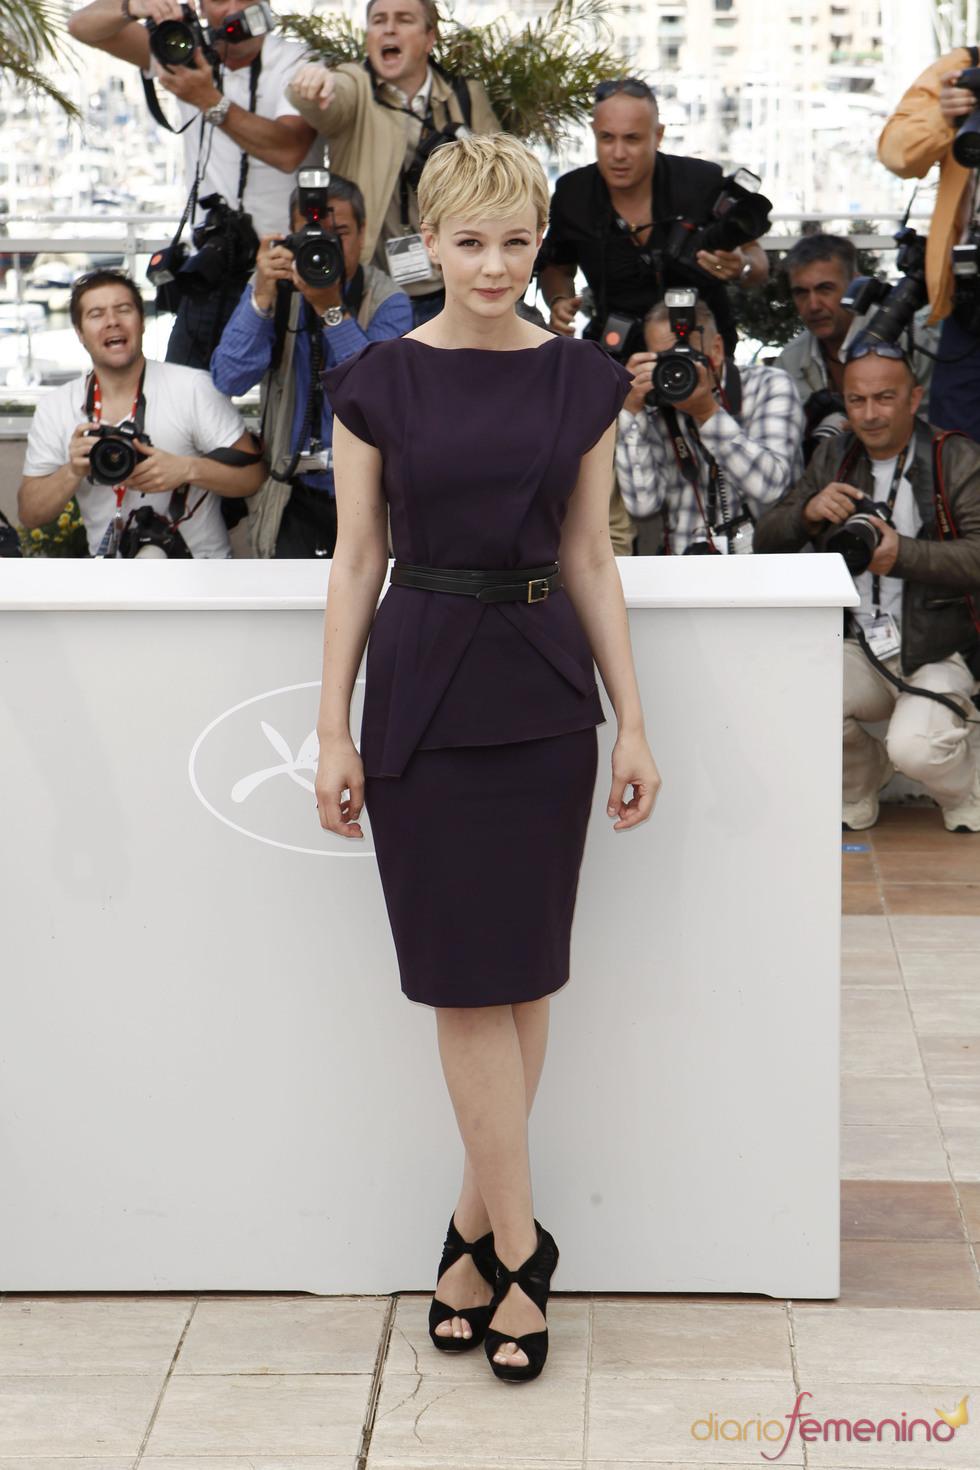 Carey Mulligan en el Festival de Cine de Cannes